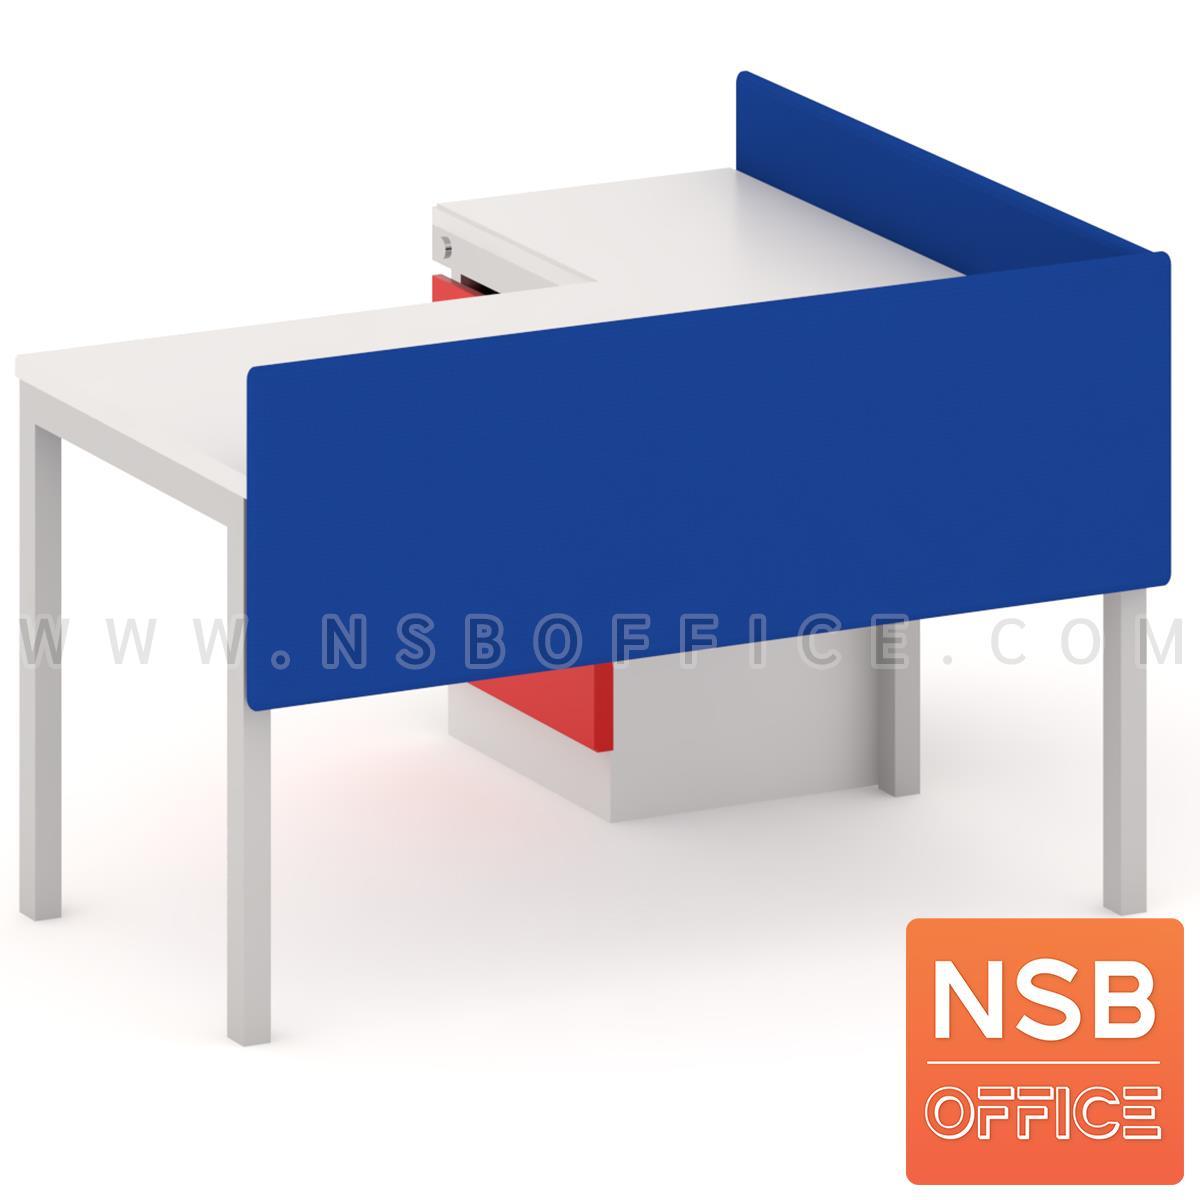 P04A024:แผ่นปิดหน้าโต๊ะหุ้มผ้า ขนาด 60W-240W*60H cm